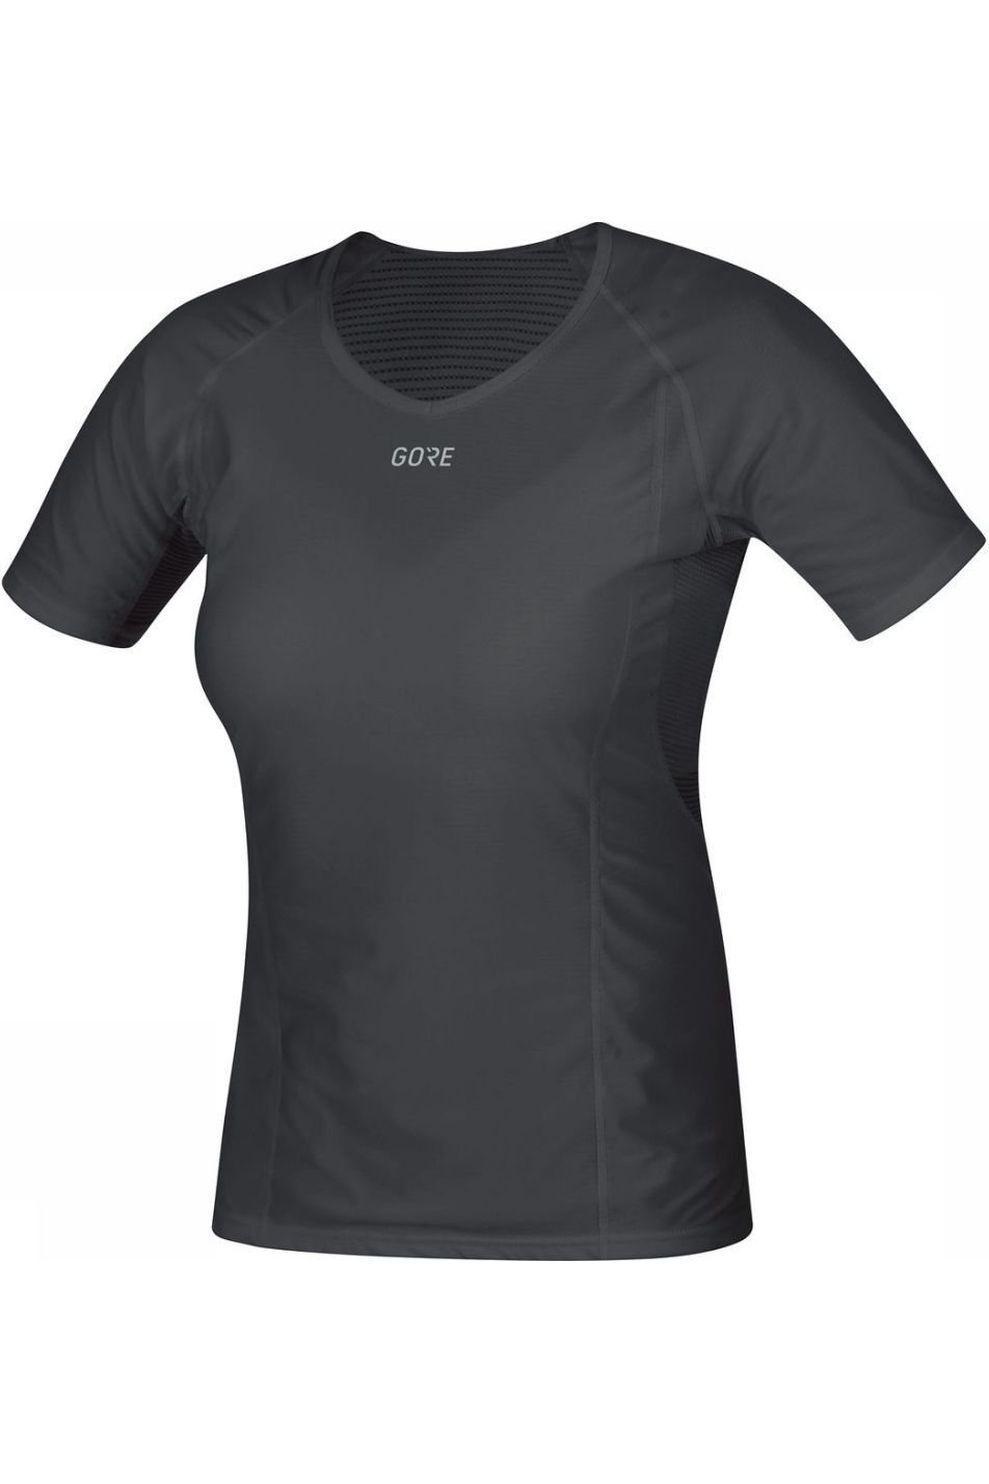 GORE WEAR Top M Gore Windstopper Base Layer voor dames - Zwart - Maten: 34, 36, 38, 40, 42